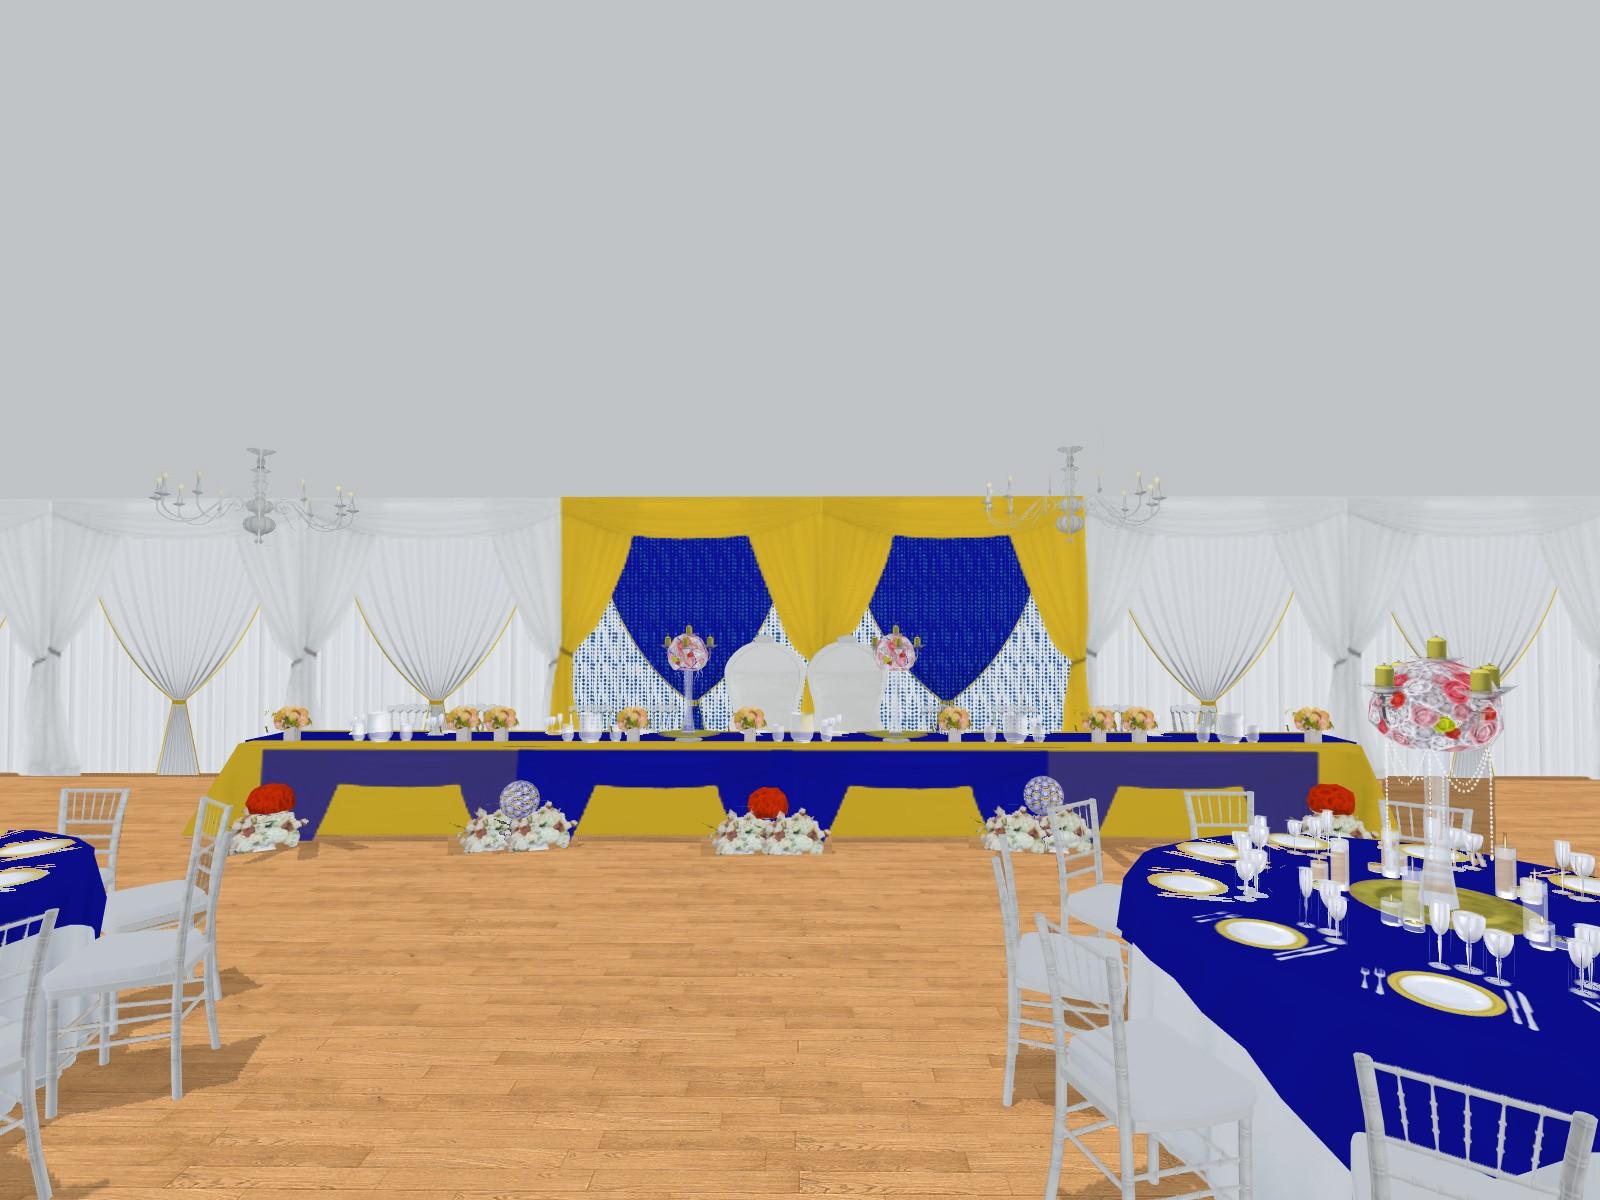 Prestations Plan 3d Evenement Mariage Anniversaire Décoration Evenementielle France Implantation 3d Table Dhonneur